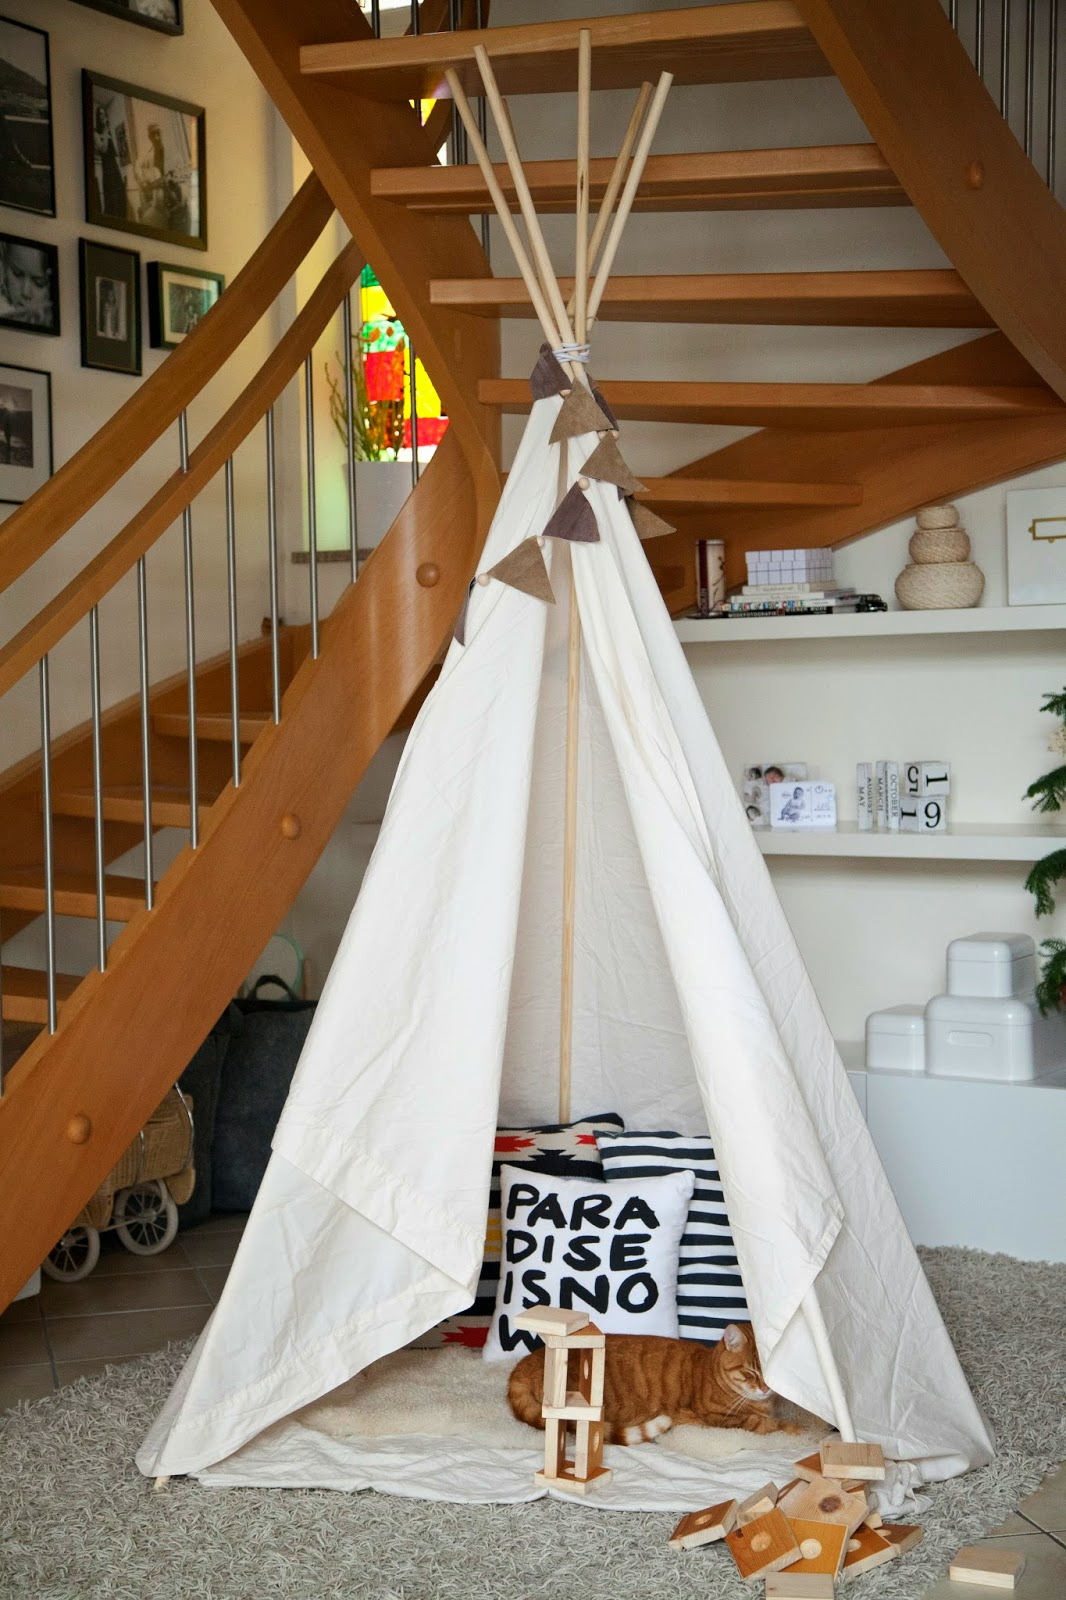 Tipi Zelt Kinderzimmer Selber Nähen Frisch Tipi Zelt Für